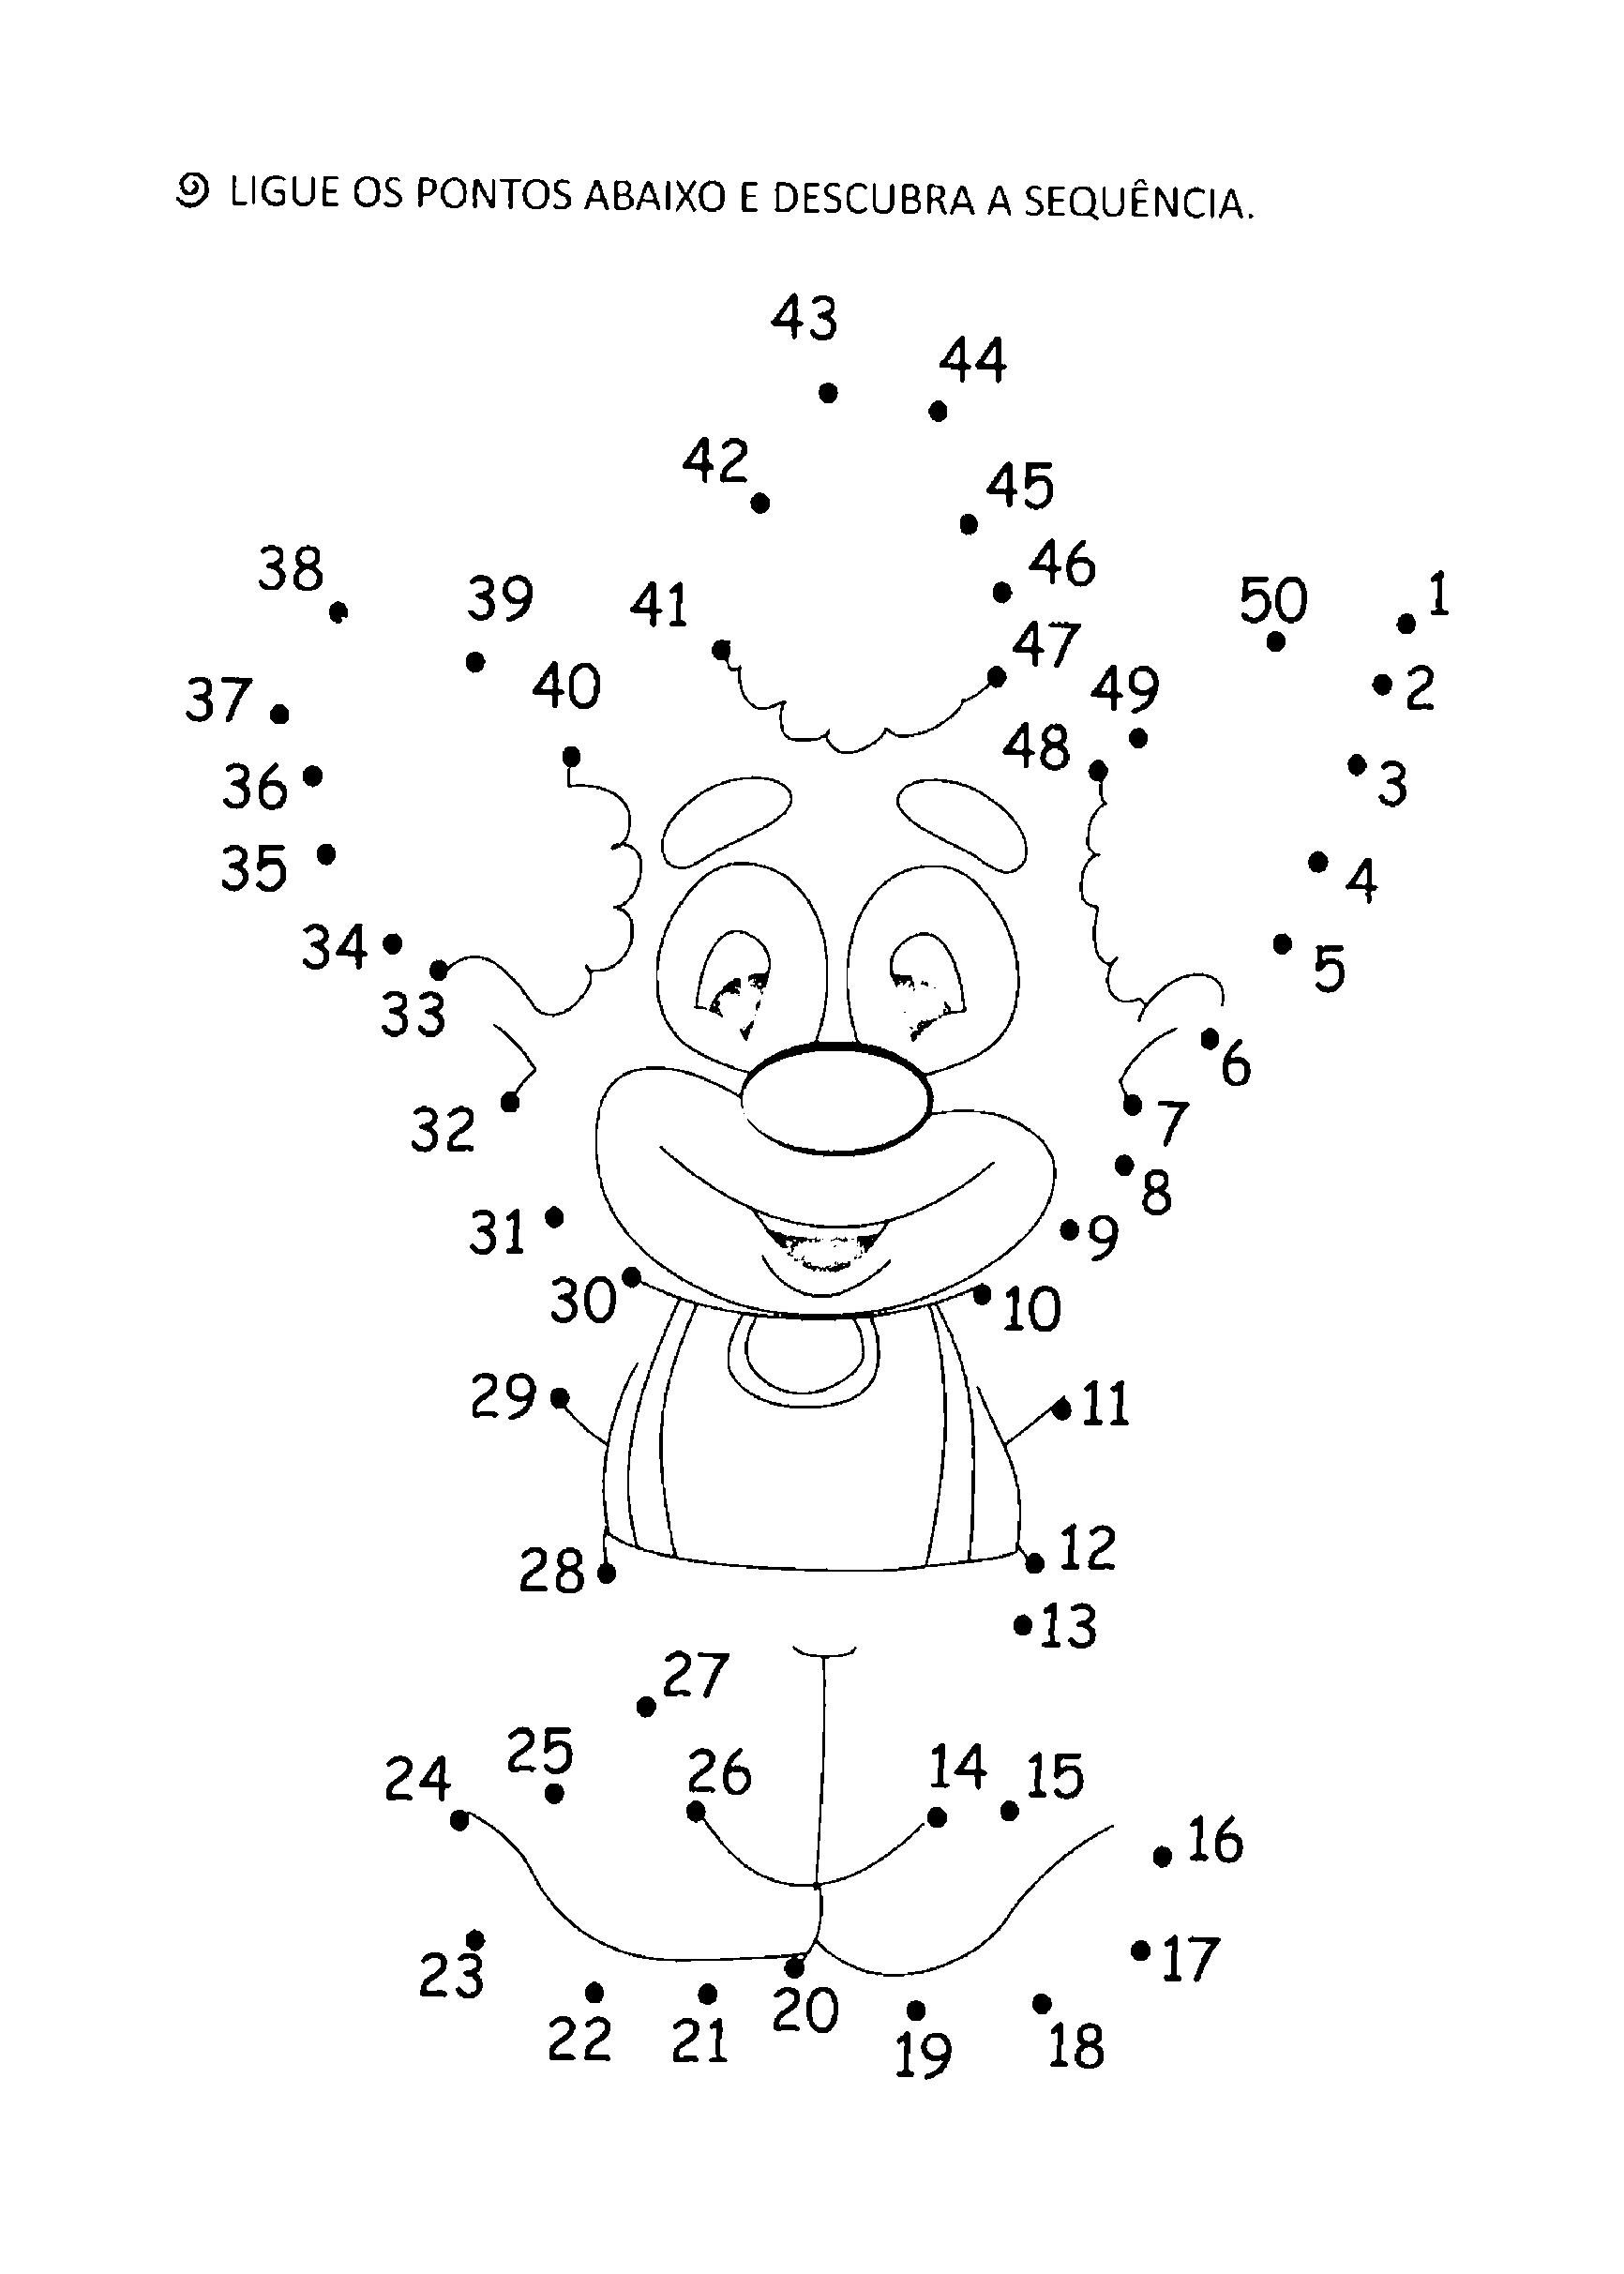 0213-atividade-ligar-pontos-palhaco